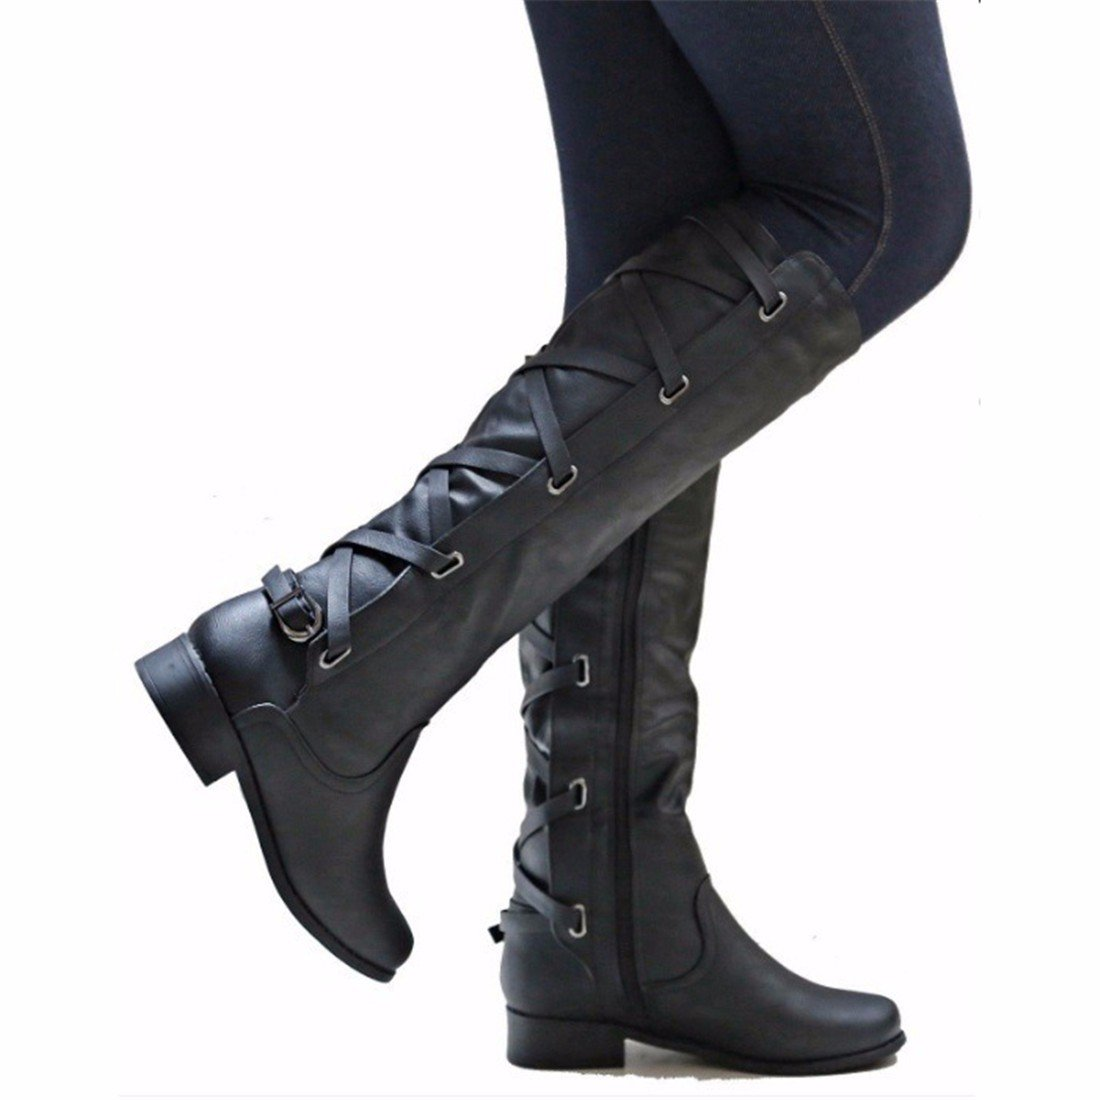 L'automne et l'hiver la mode avec des low boots de hautes bottes et chaussures. RFF-Women' s Shoes